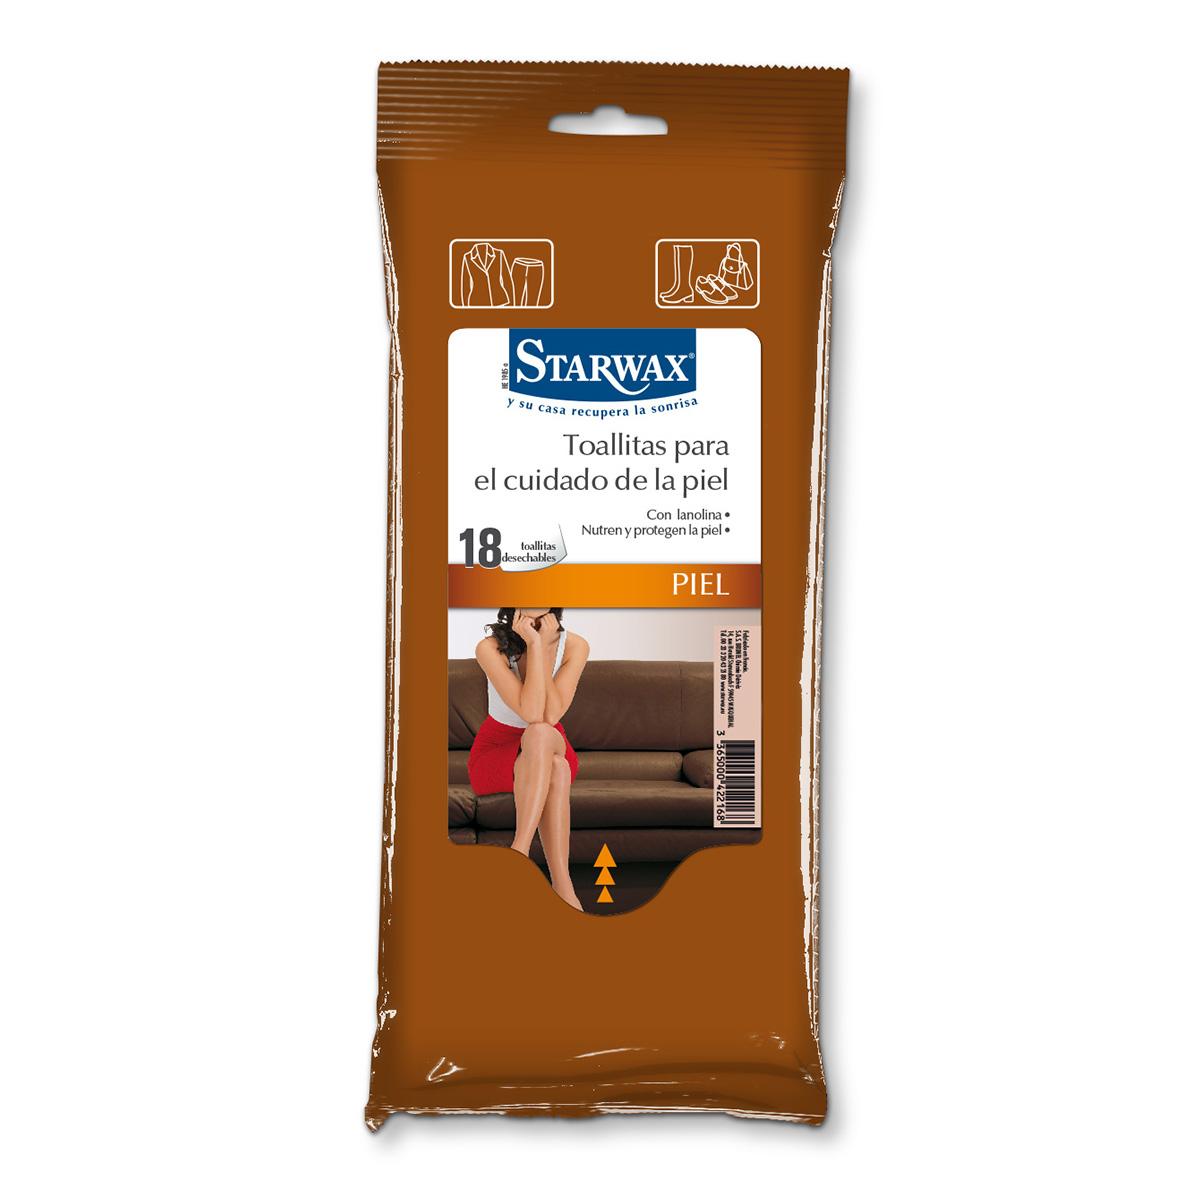 Toallitas para el cuidado de la piel - Starwax